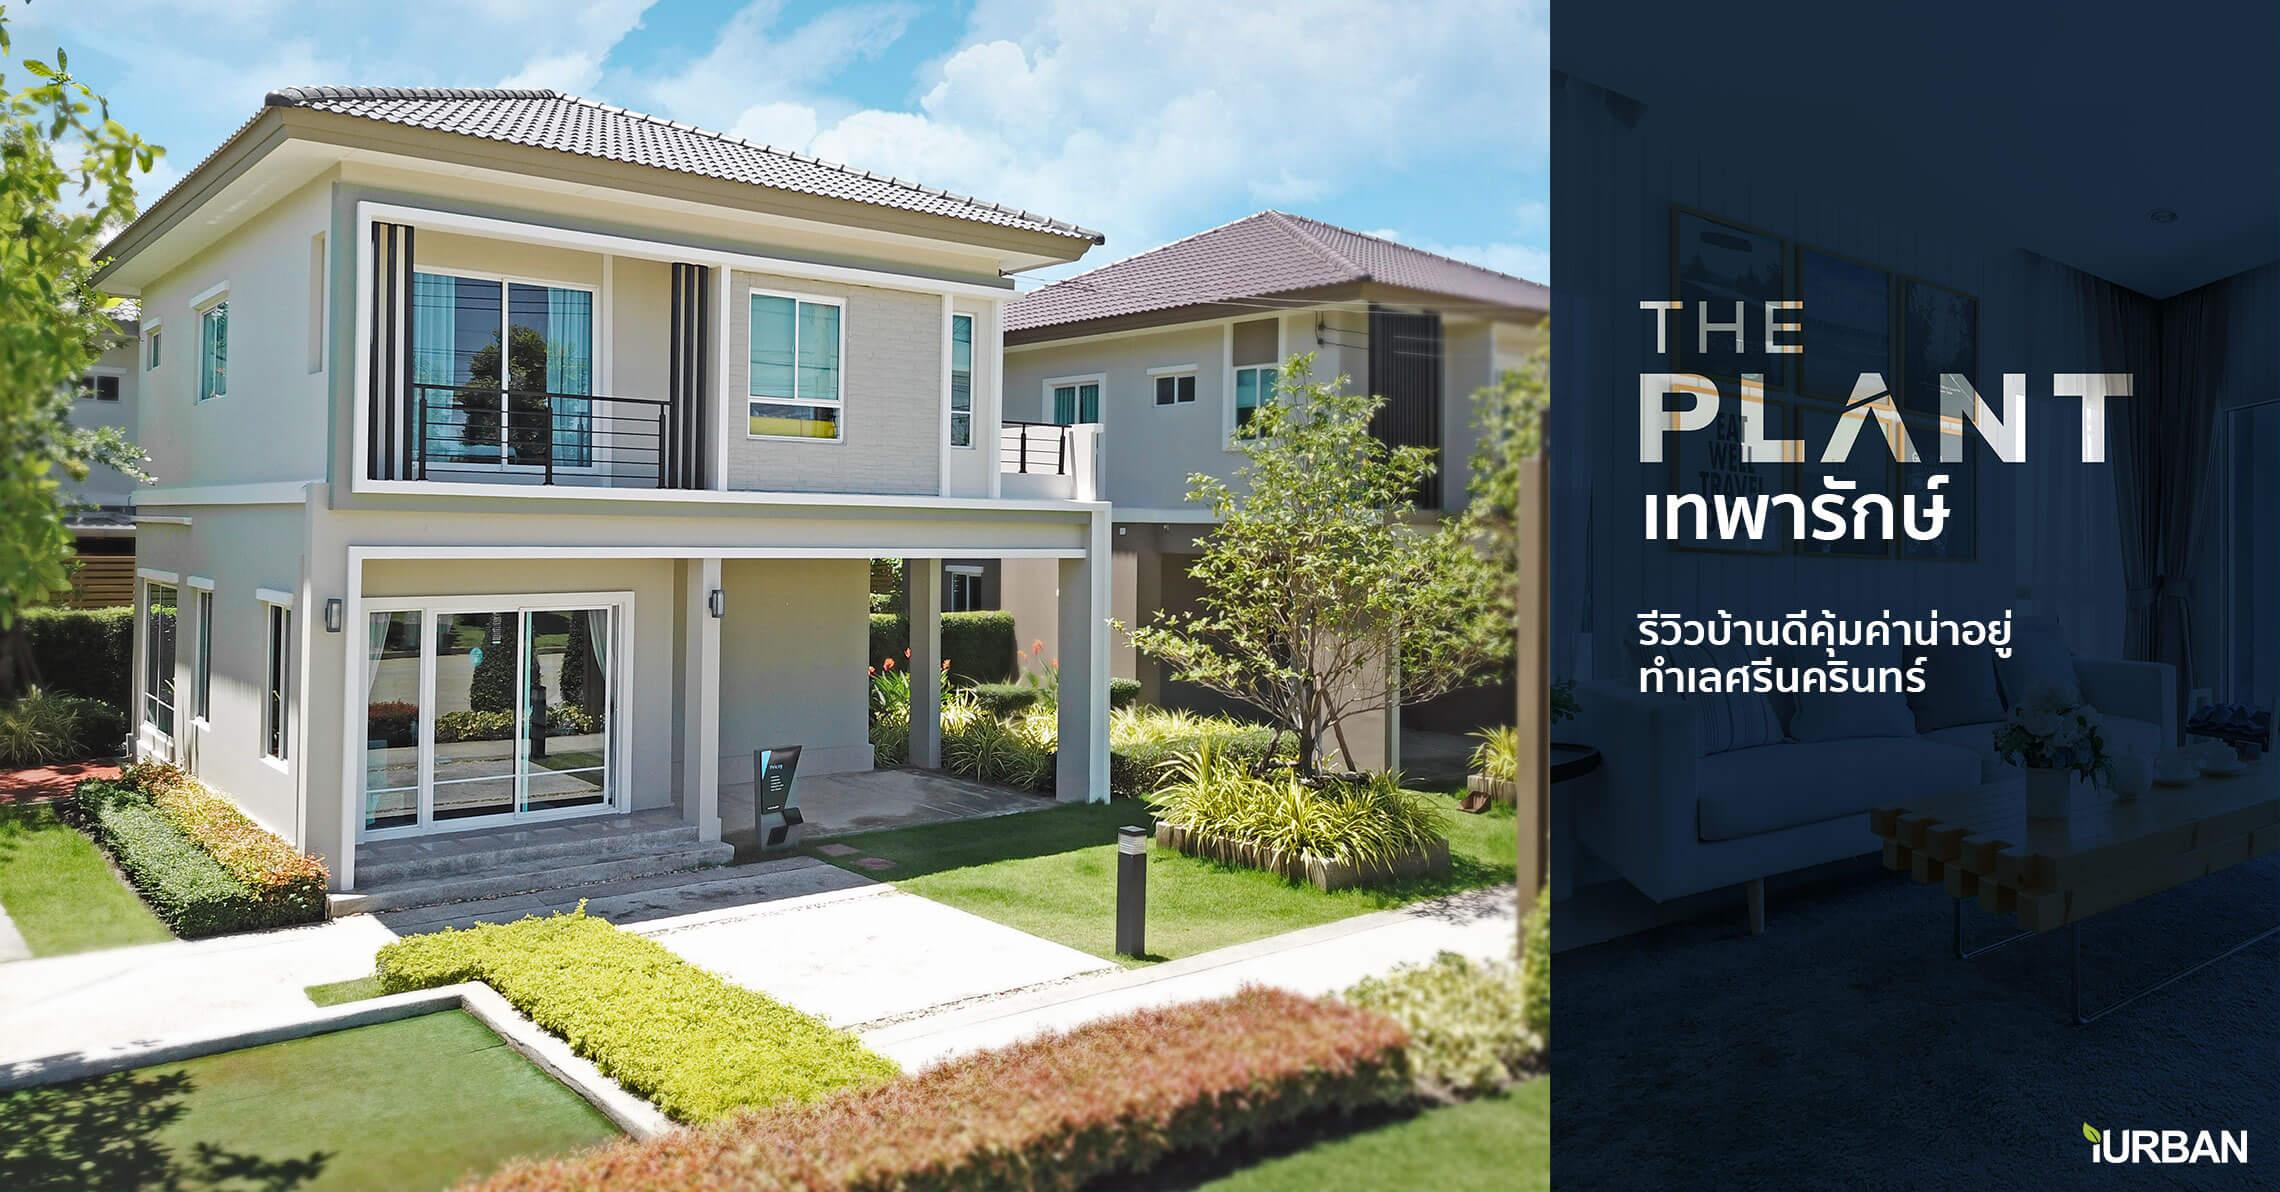 The Plant เทพารักษ์ บ้านโครงการดี ที่ราคาเริ่ม 3.9 ลบ. ย่านศรีนครินทร์-เทพารักษ์ 13 - house